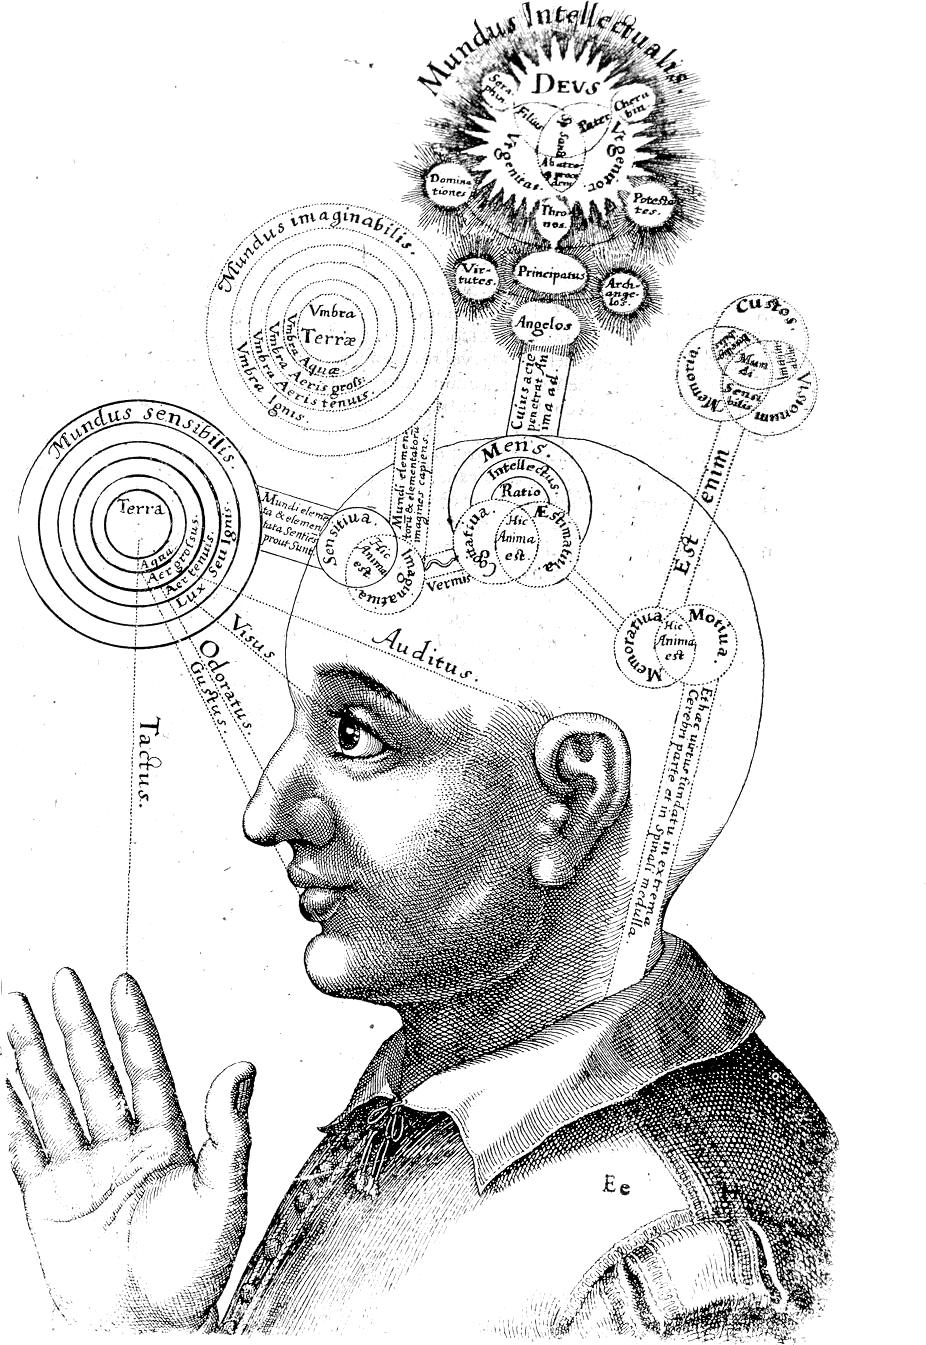 Image: Robert Fludd,Utriusque cosmi maioris scilicet et minoris (1619)Public domain via Wikimedia Commons